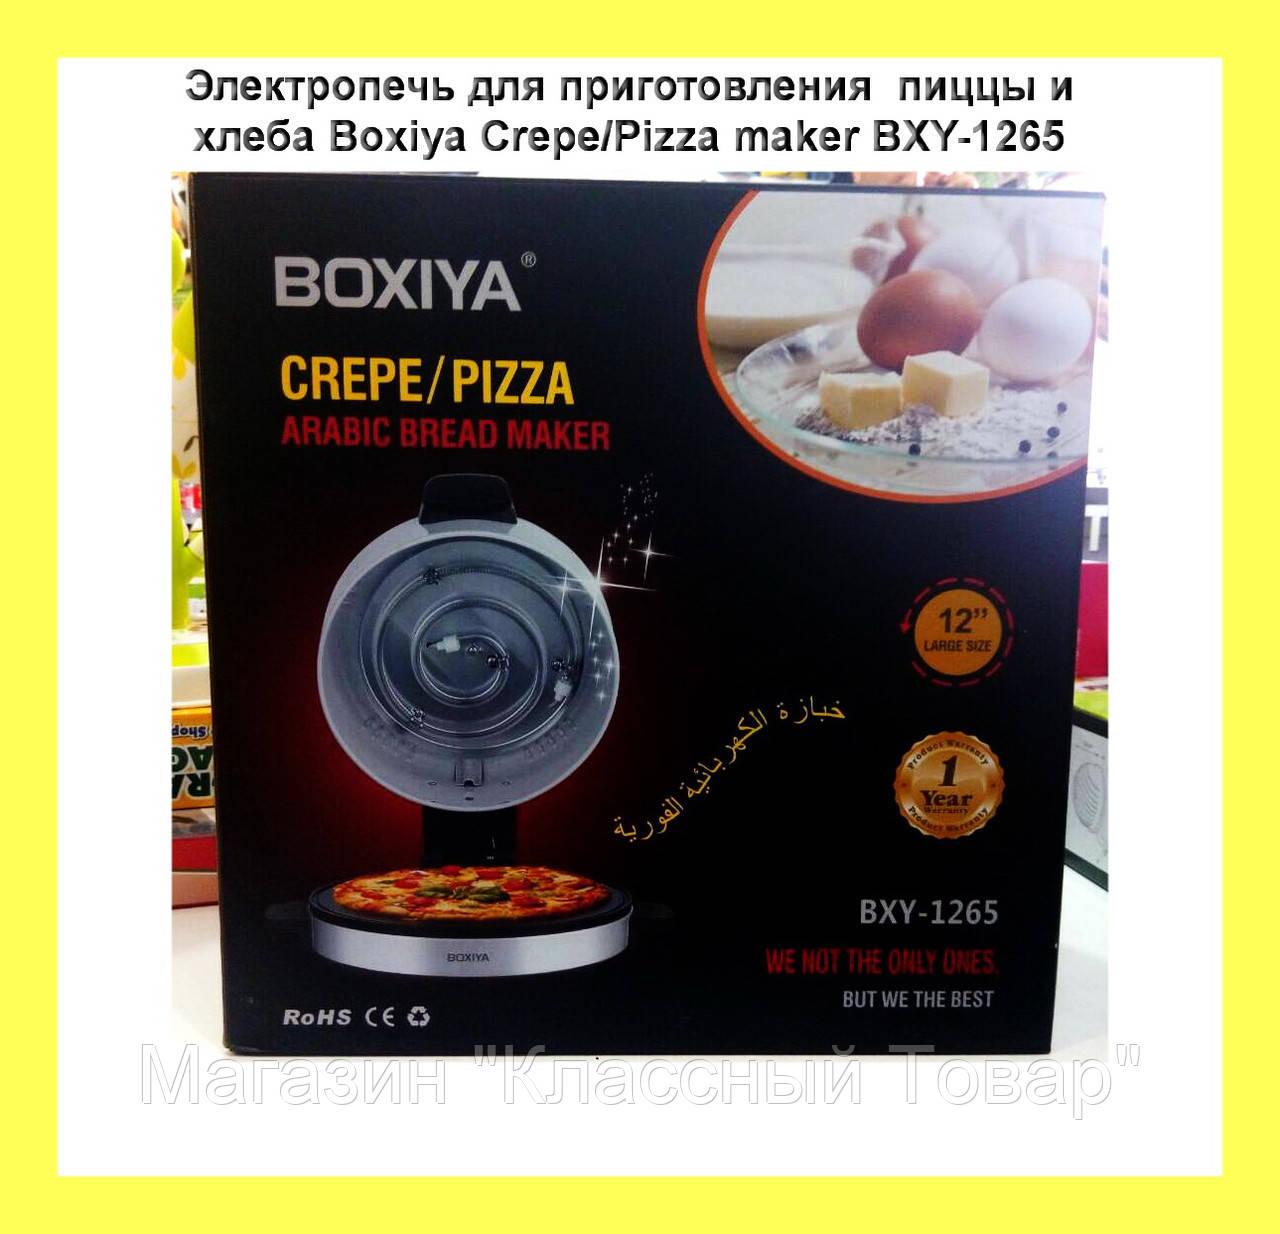 Электропечь для приготовления пиццы и хлеба Boxiya Crepe/Pizza maker BXY-1265 1800w!Лучший подарок